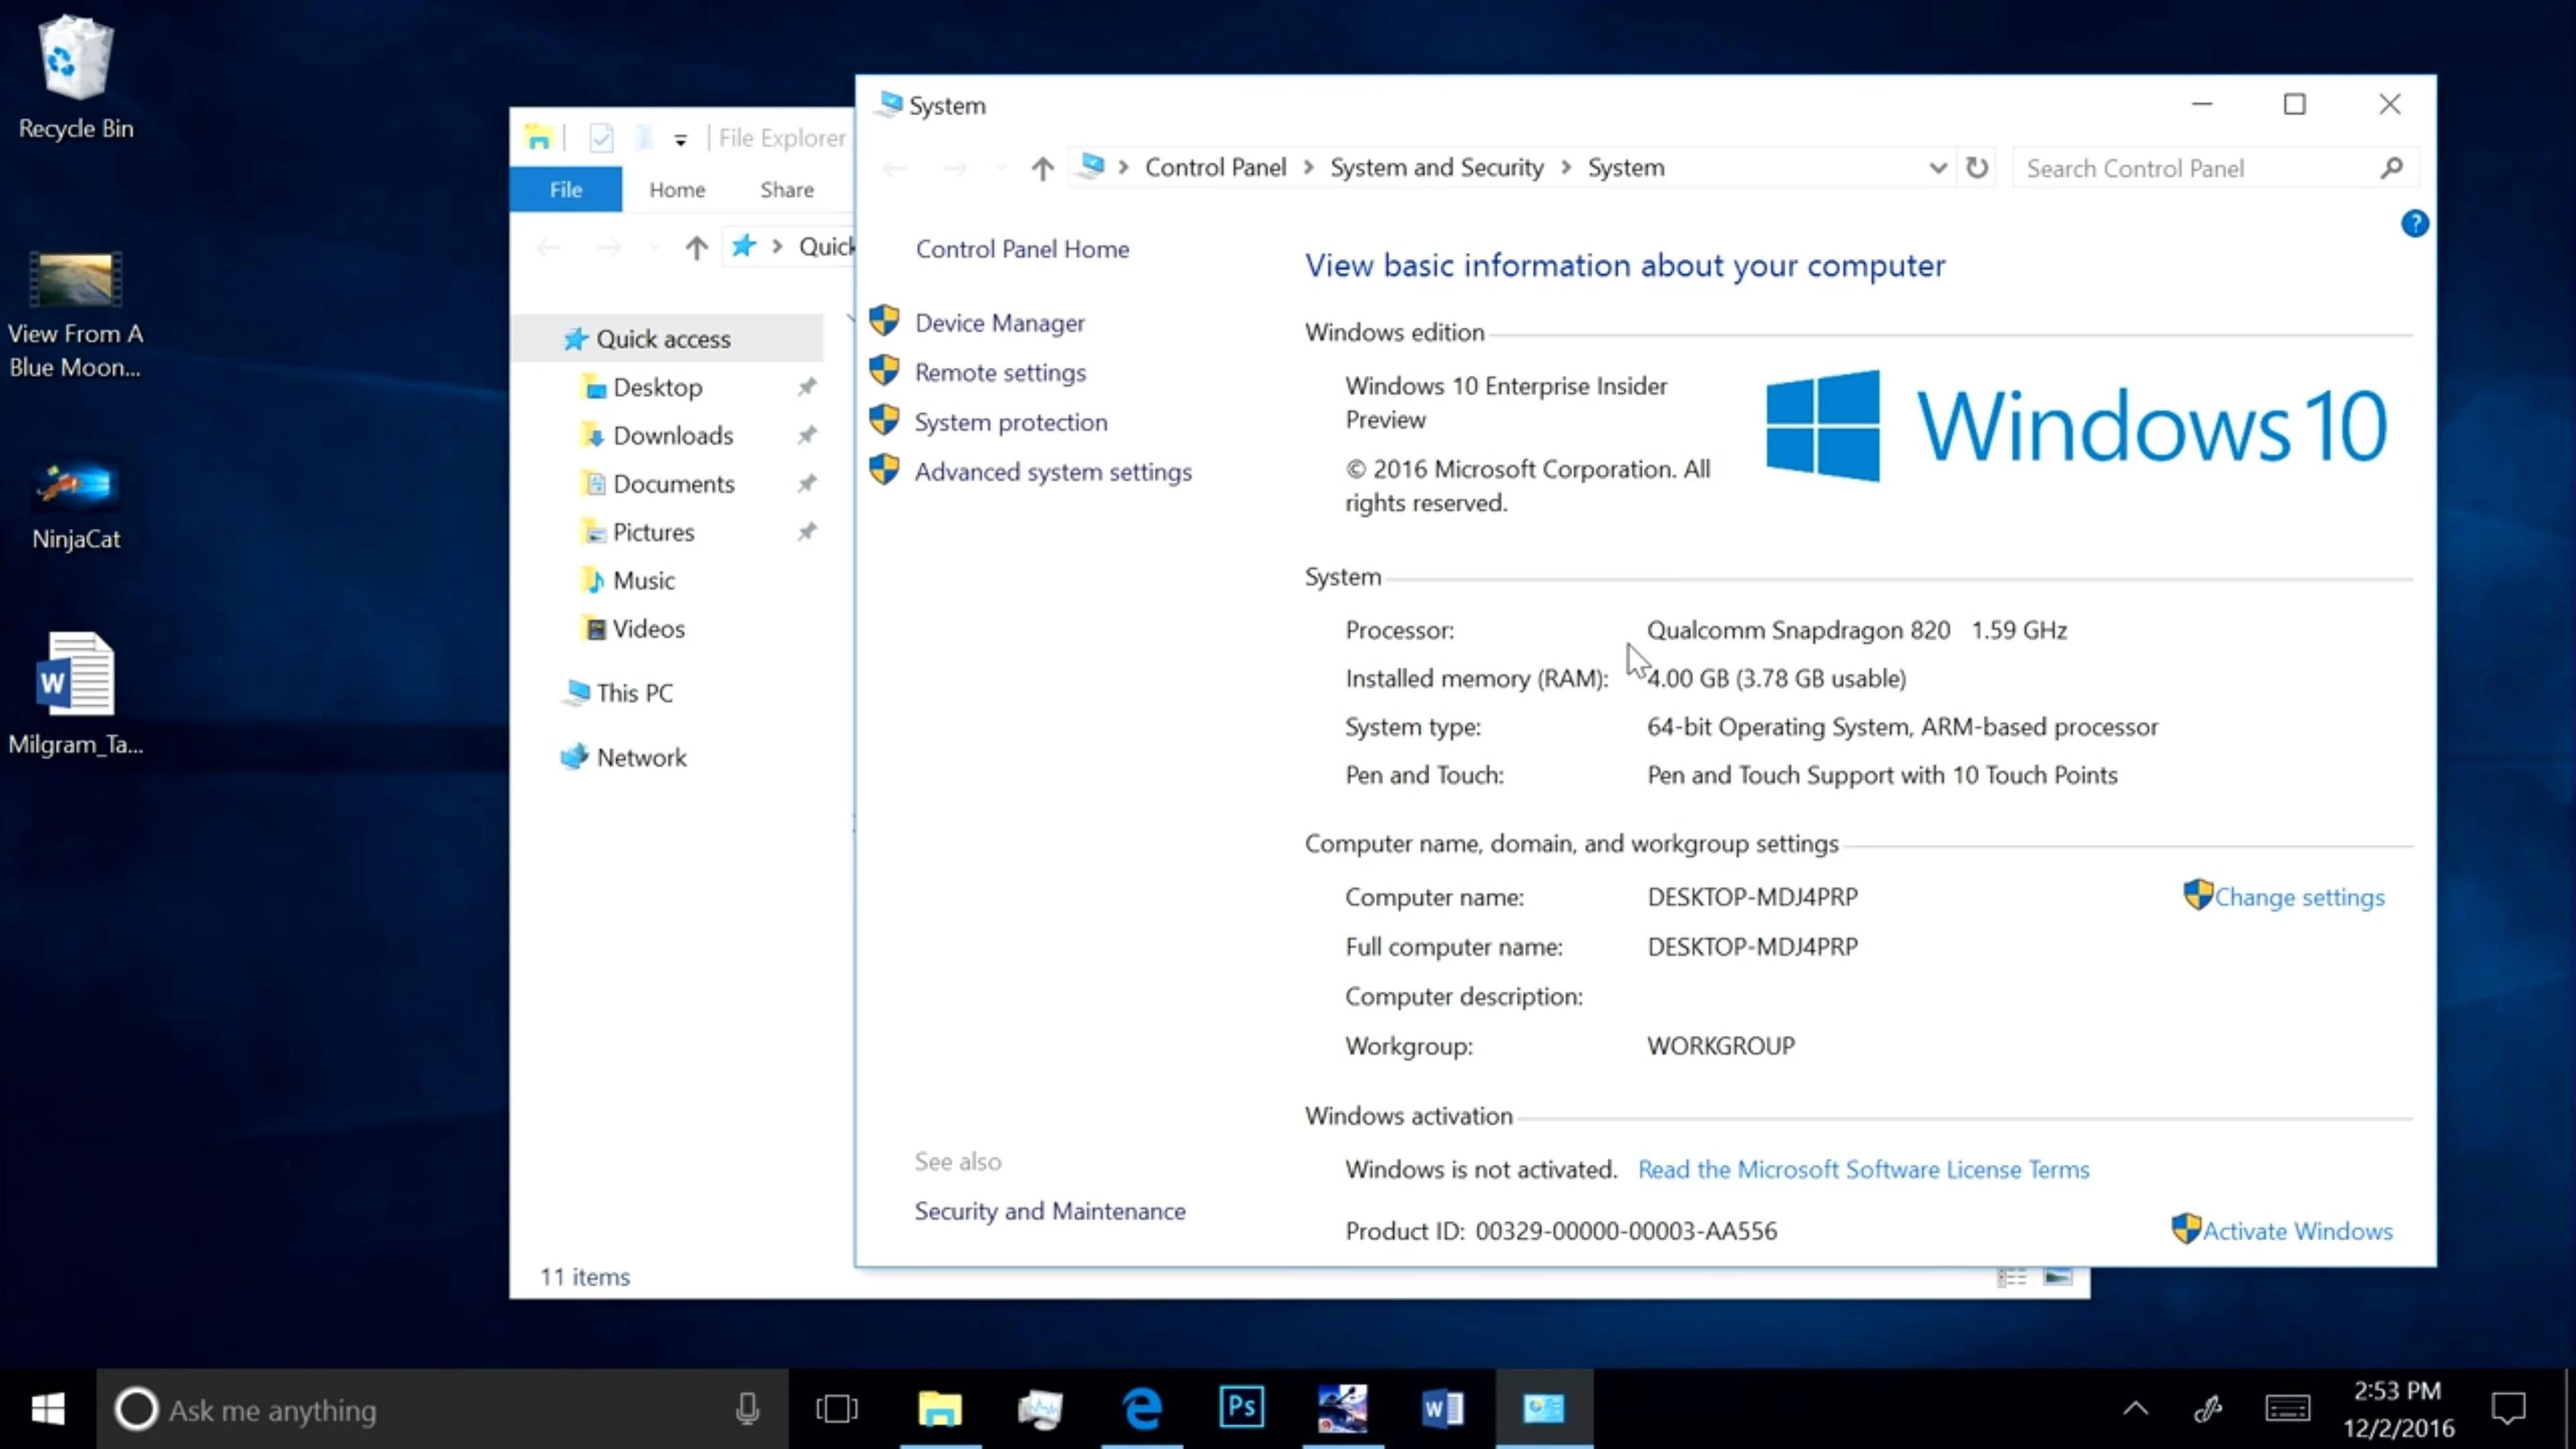 Windows 10 demandera un Qualcomm Snapdragon 835 pour fonctionner sur ARM